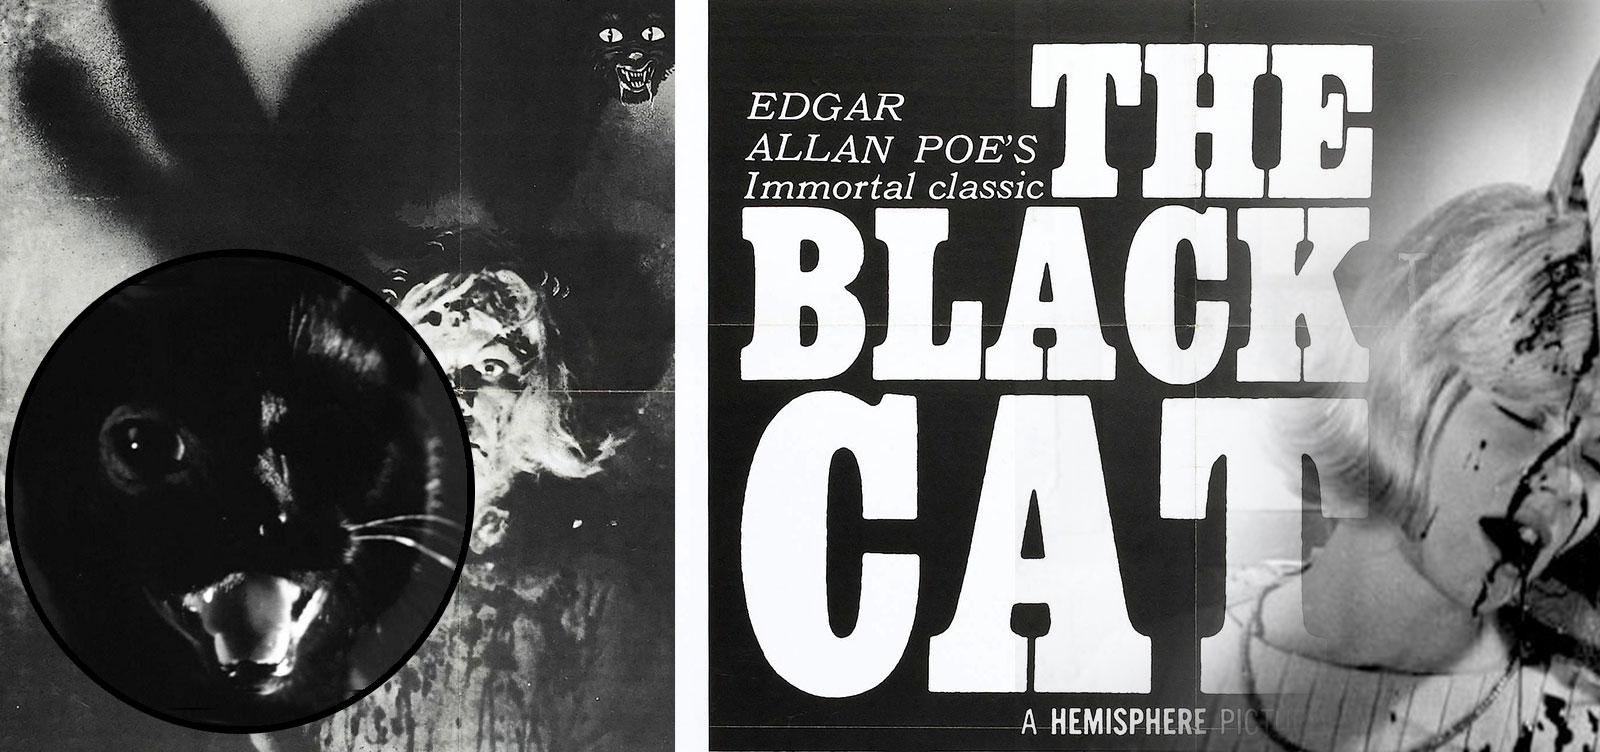 Cats_Images_BlackCat